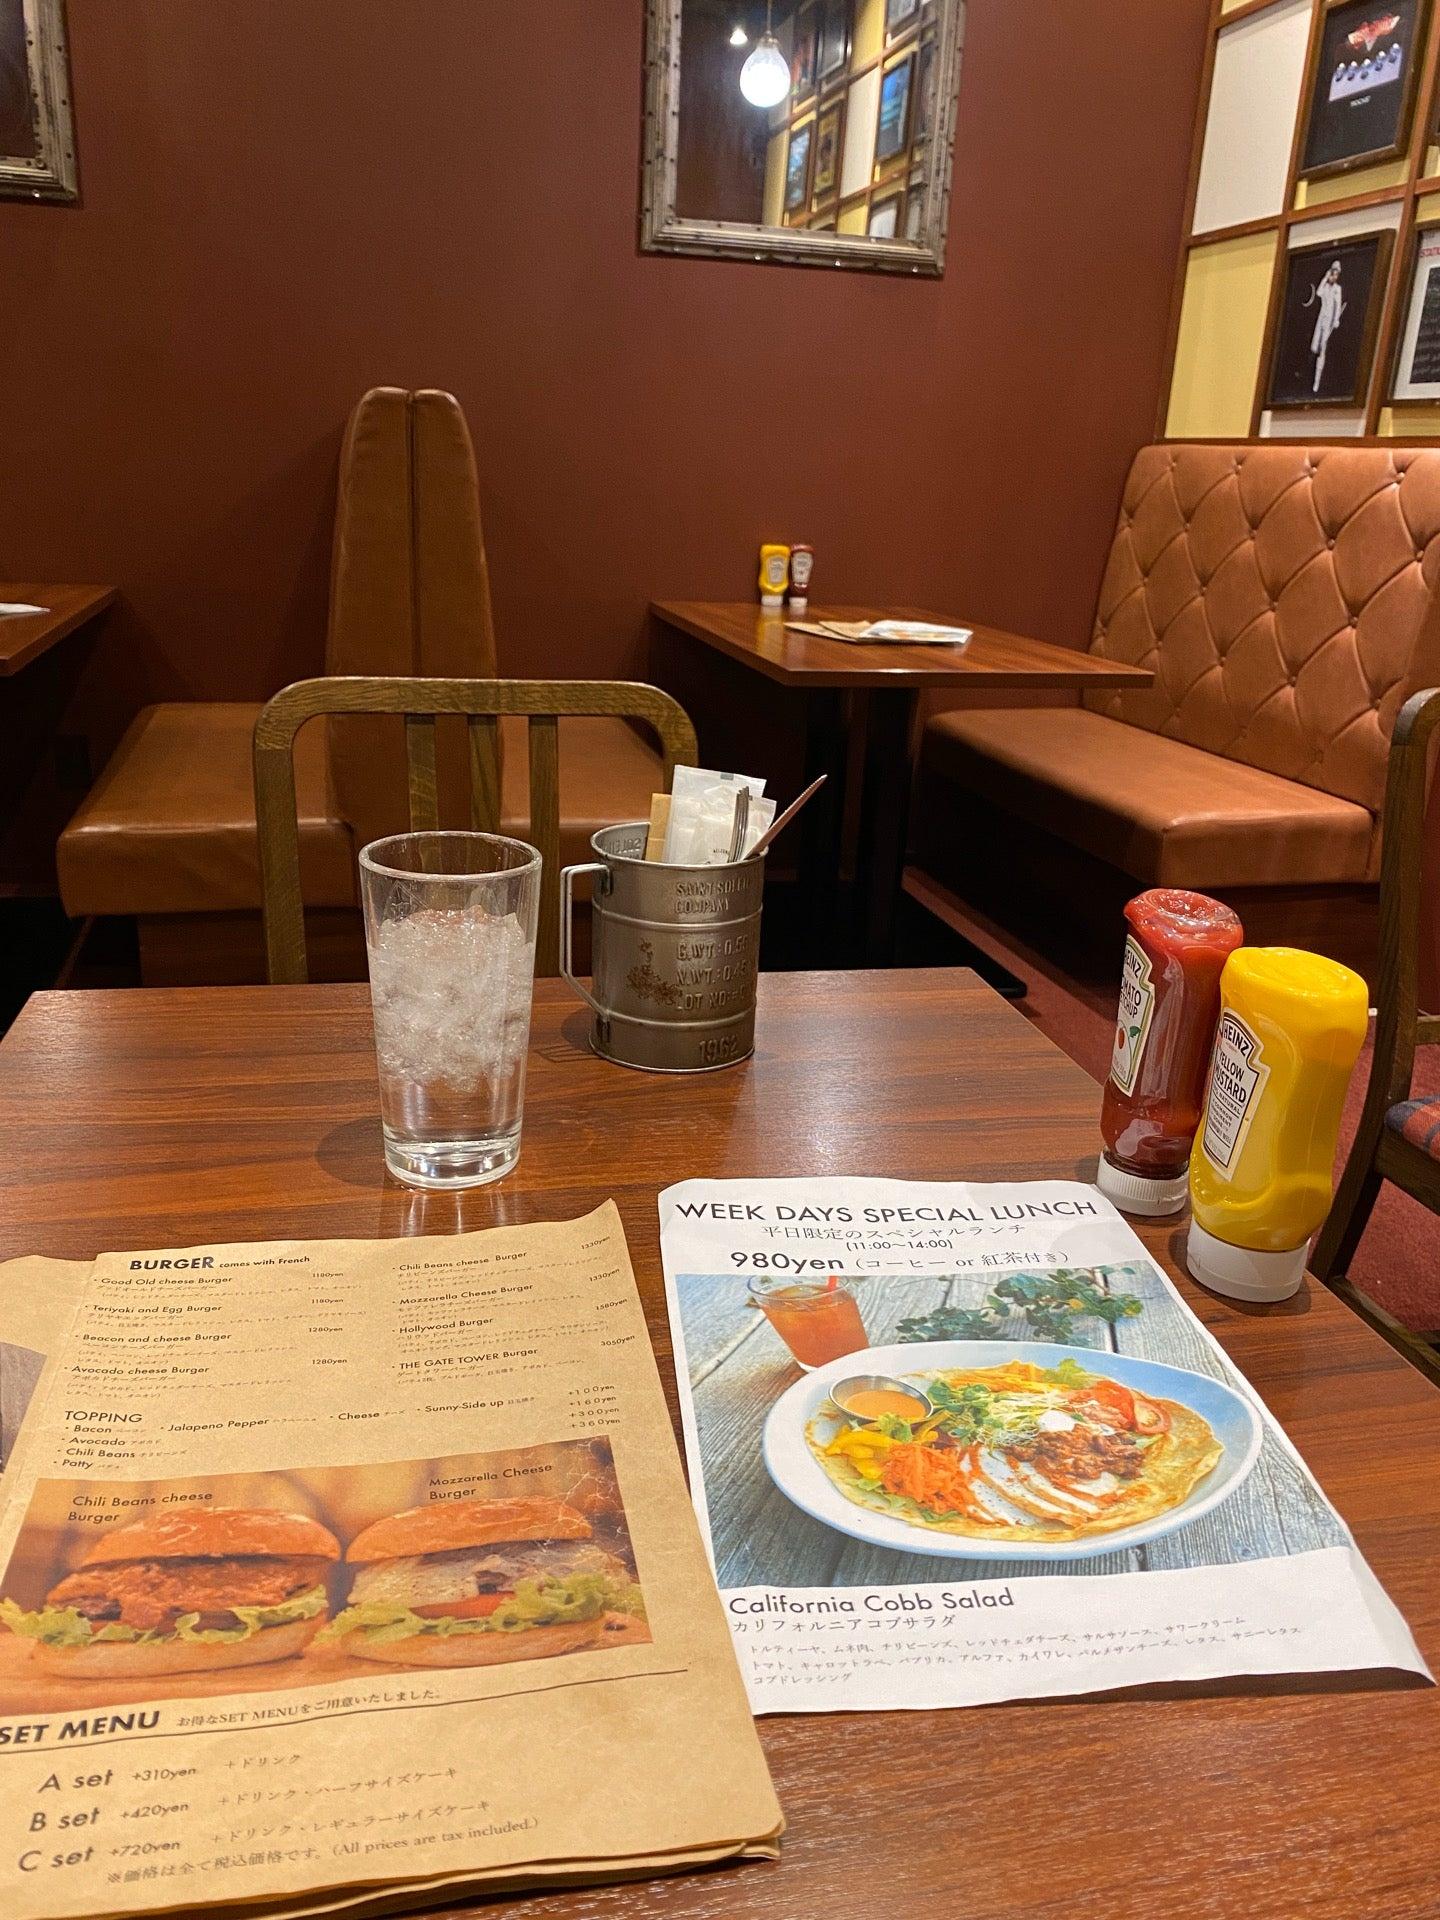 Cafe Downey (@ カフェダウニー JRゲートタワー店 in 名古屋市, 愛知県) https://t.co/5gpqLERLgo https://t.co/zrfyGfdtiN